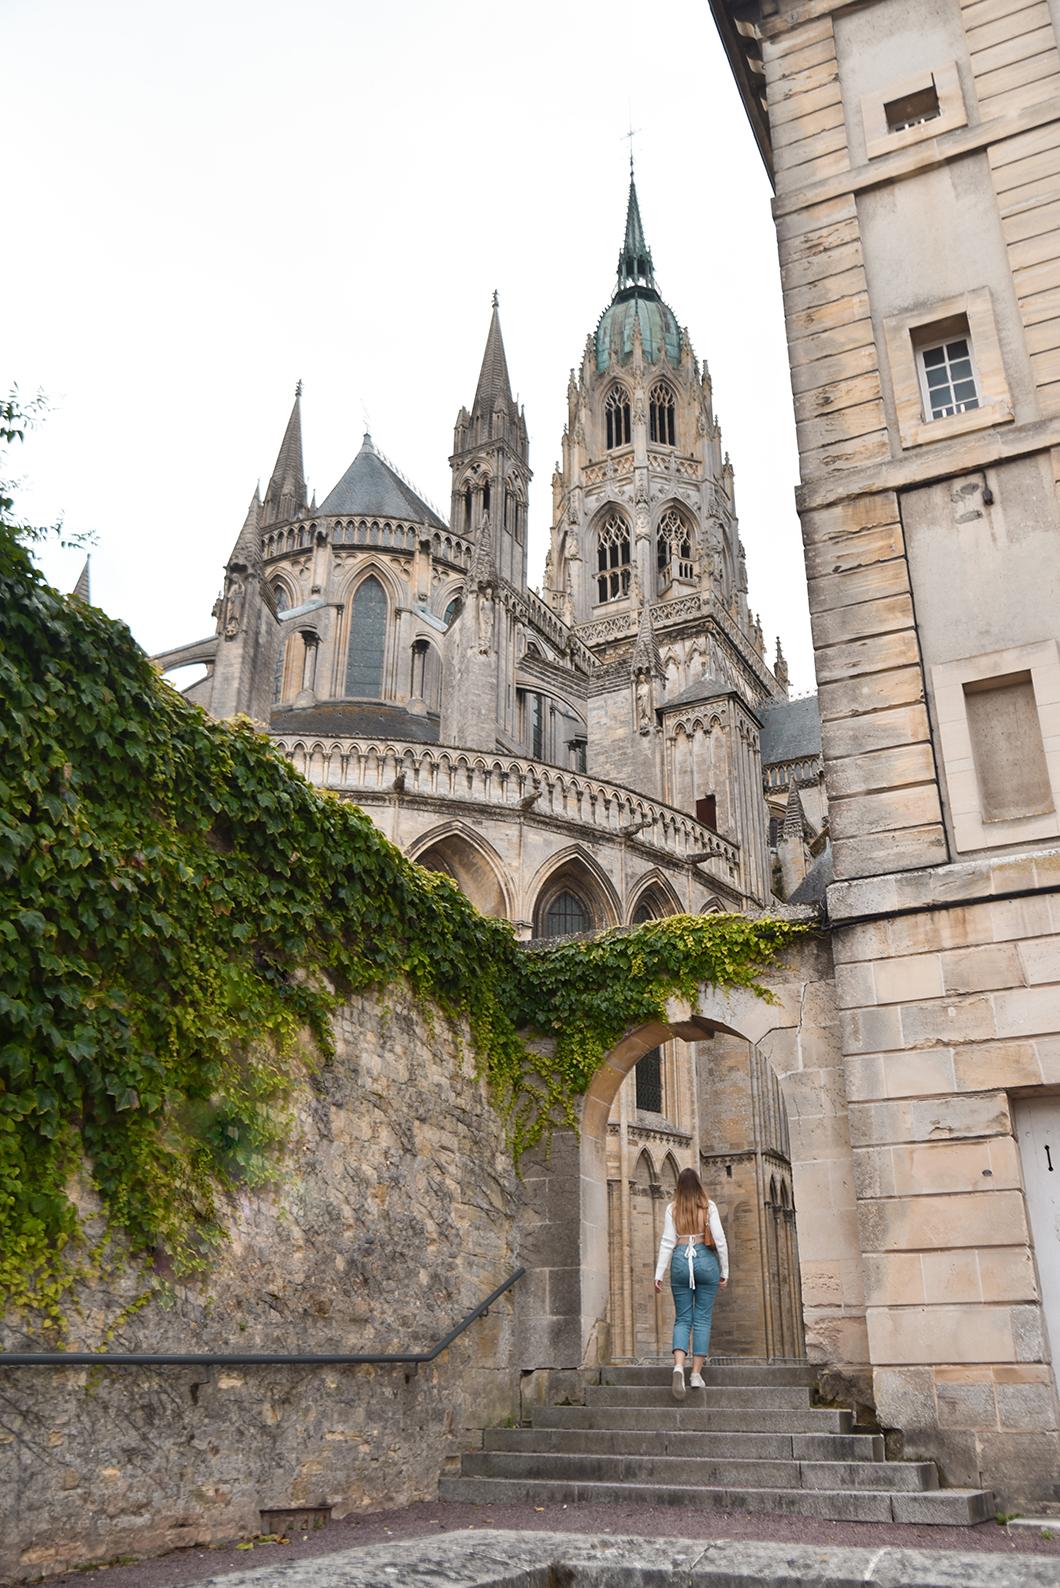 Notre programme de 2 jours à Bayeux et dans les environs